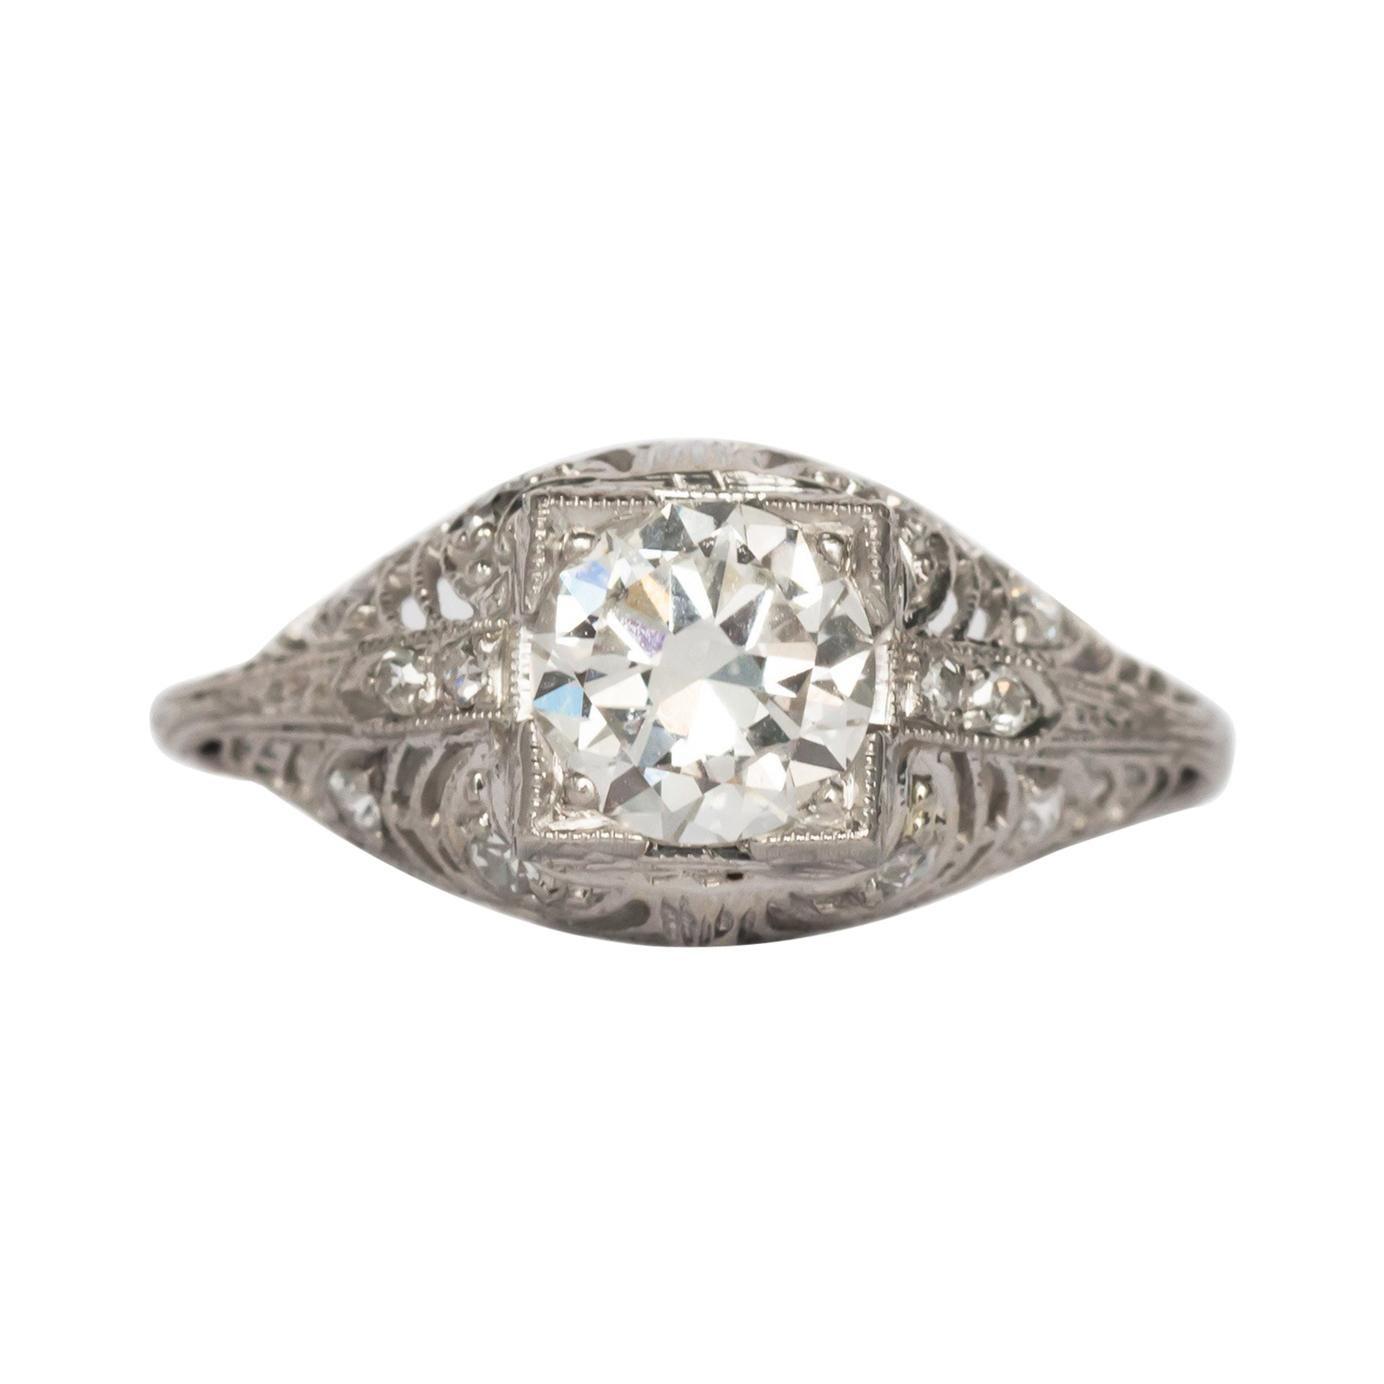 GIA Certified .85 Carat Diamond Engagement Ring